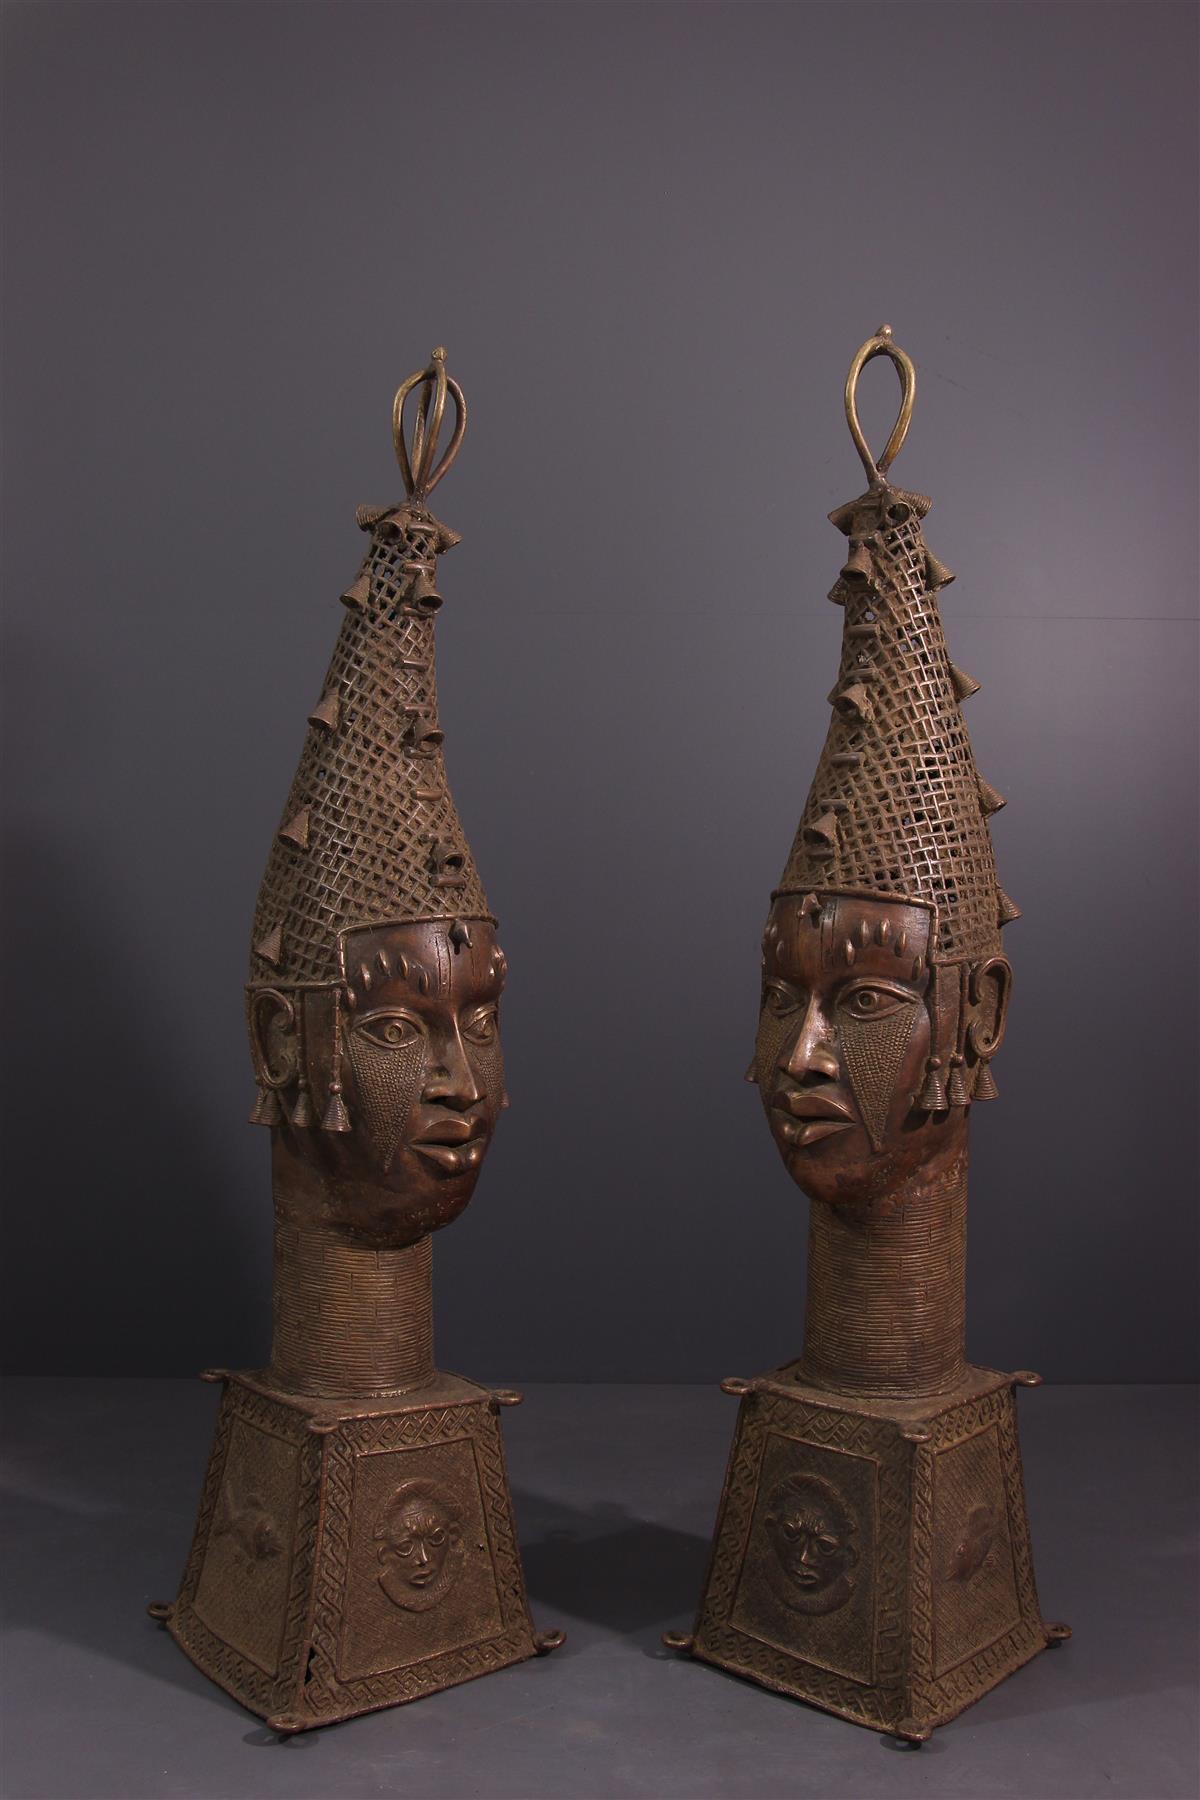 Benin Heads - Tribal art